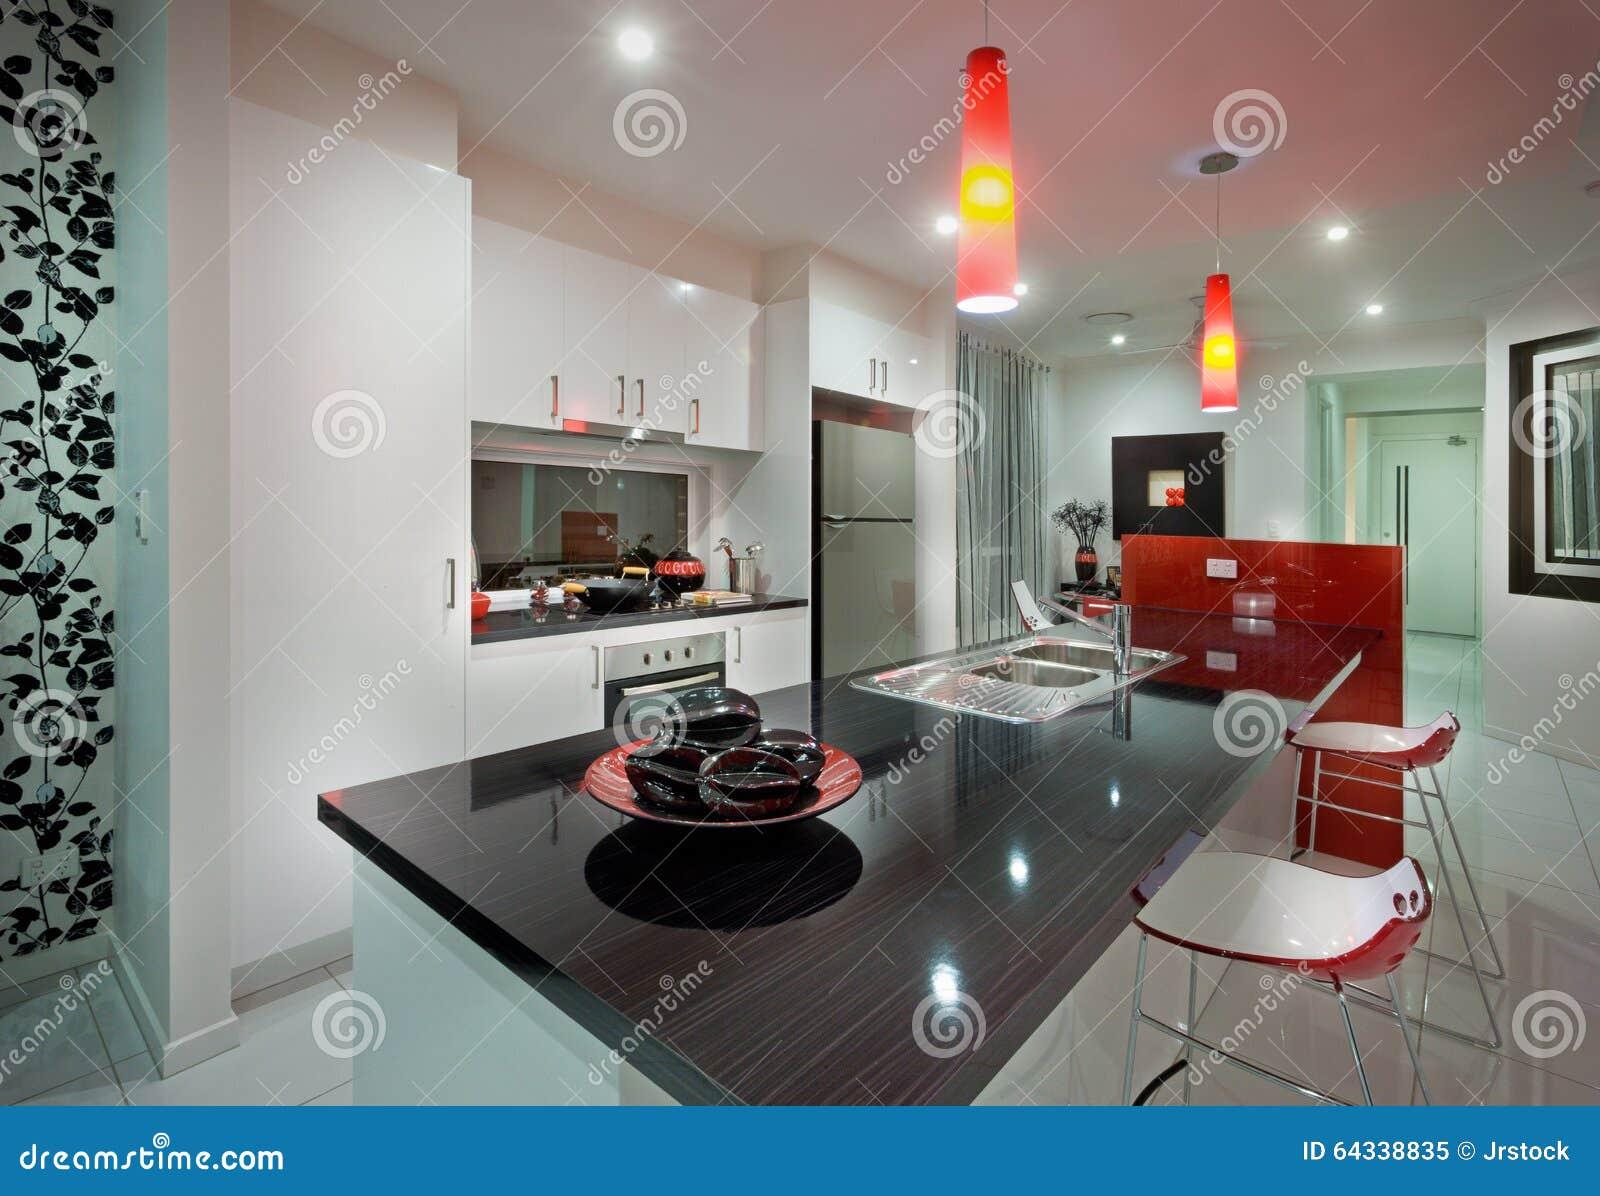 Una Cocina Con La Mesa De Comedor Y La Silla Roja Hermosa Imagen de ...